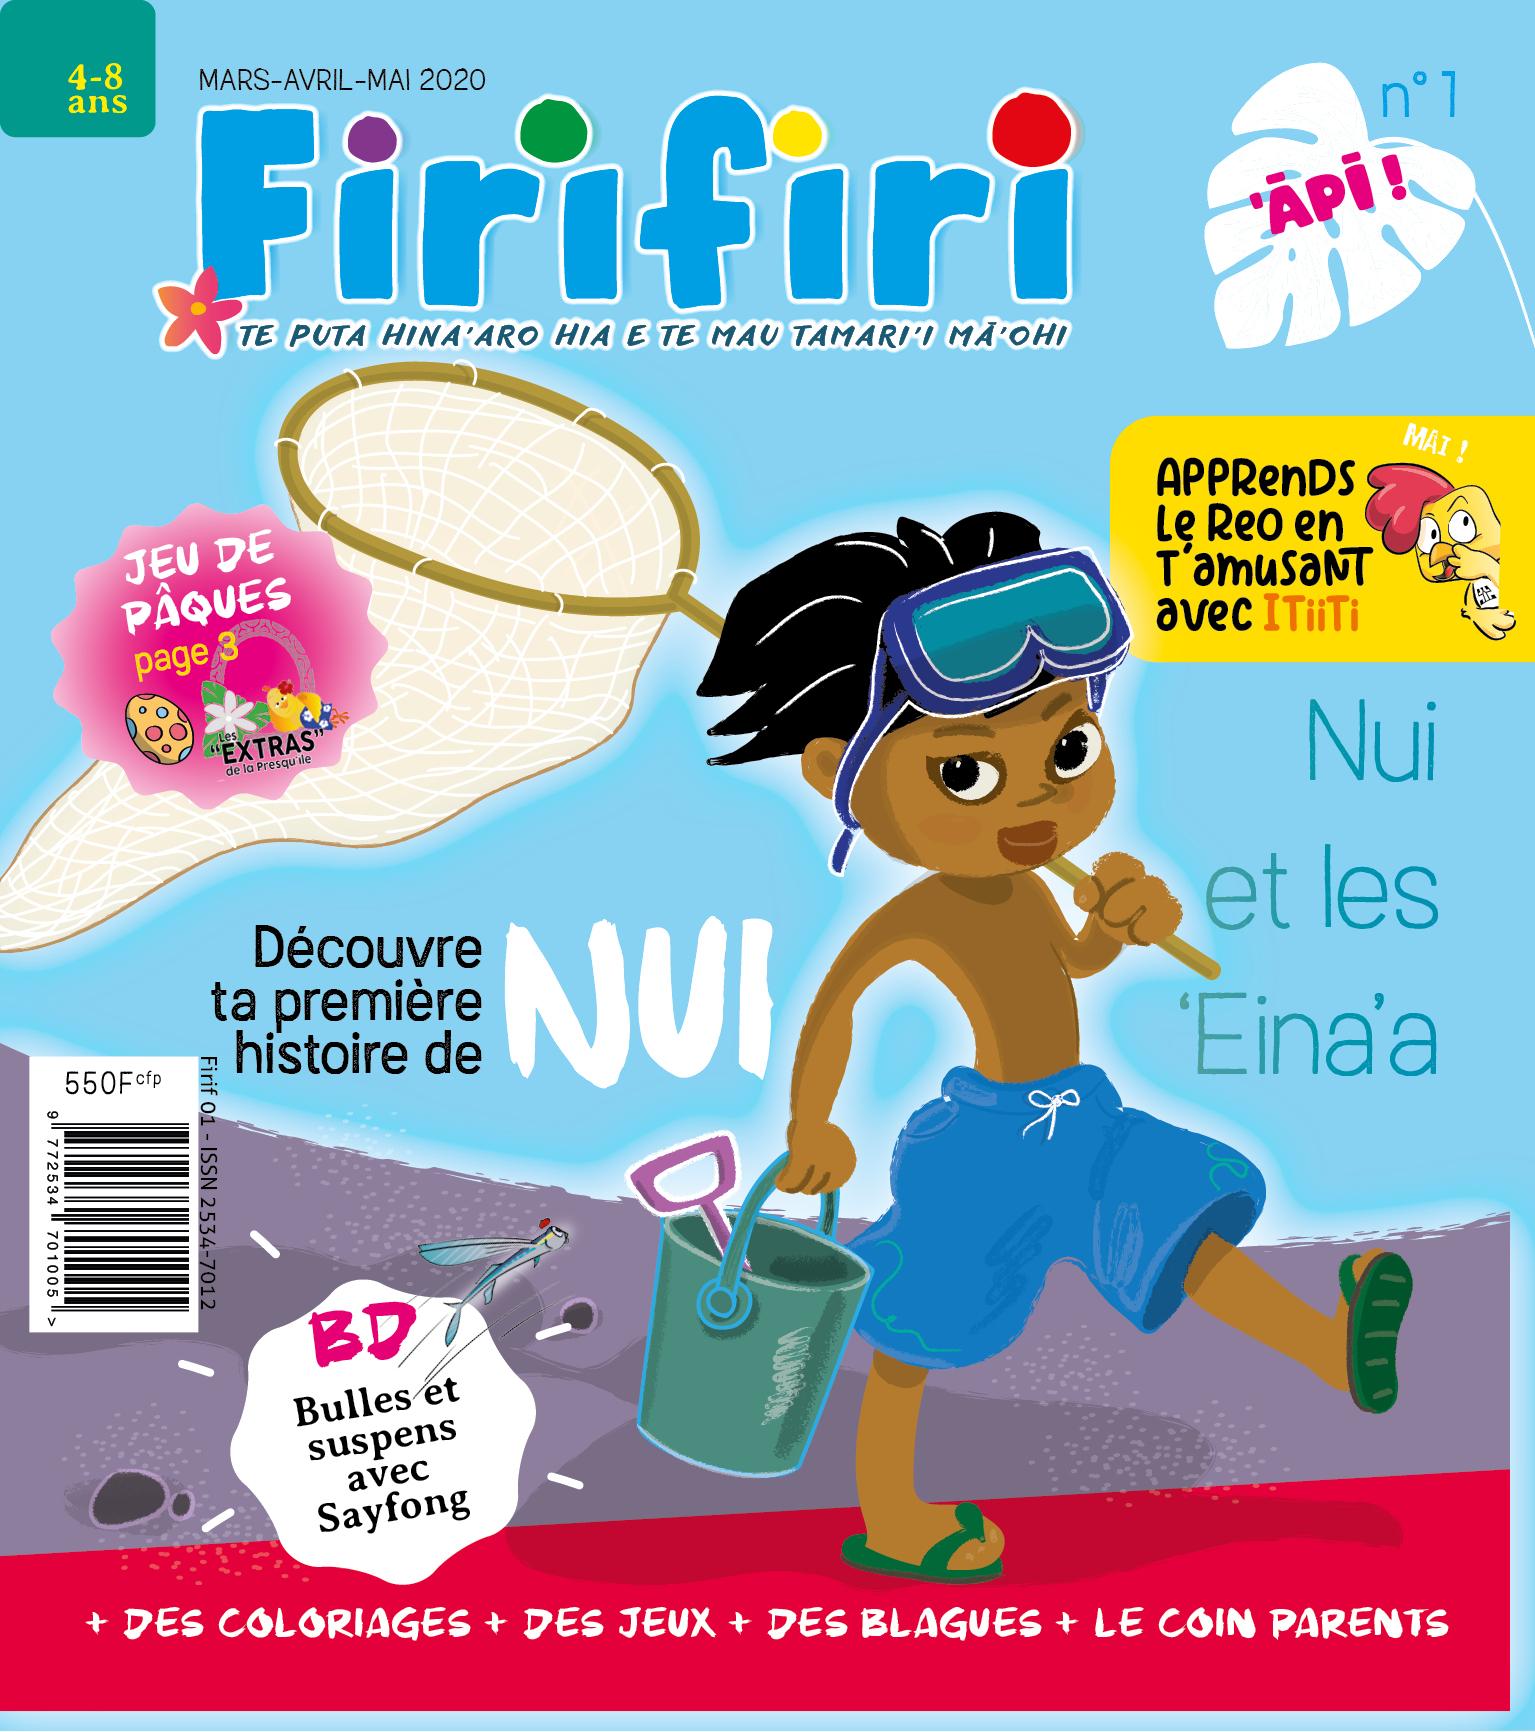 Page enfant : Firifiri, un mag local pour les 4-8 ans